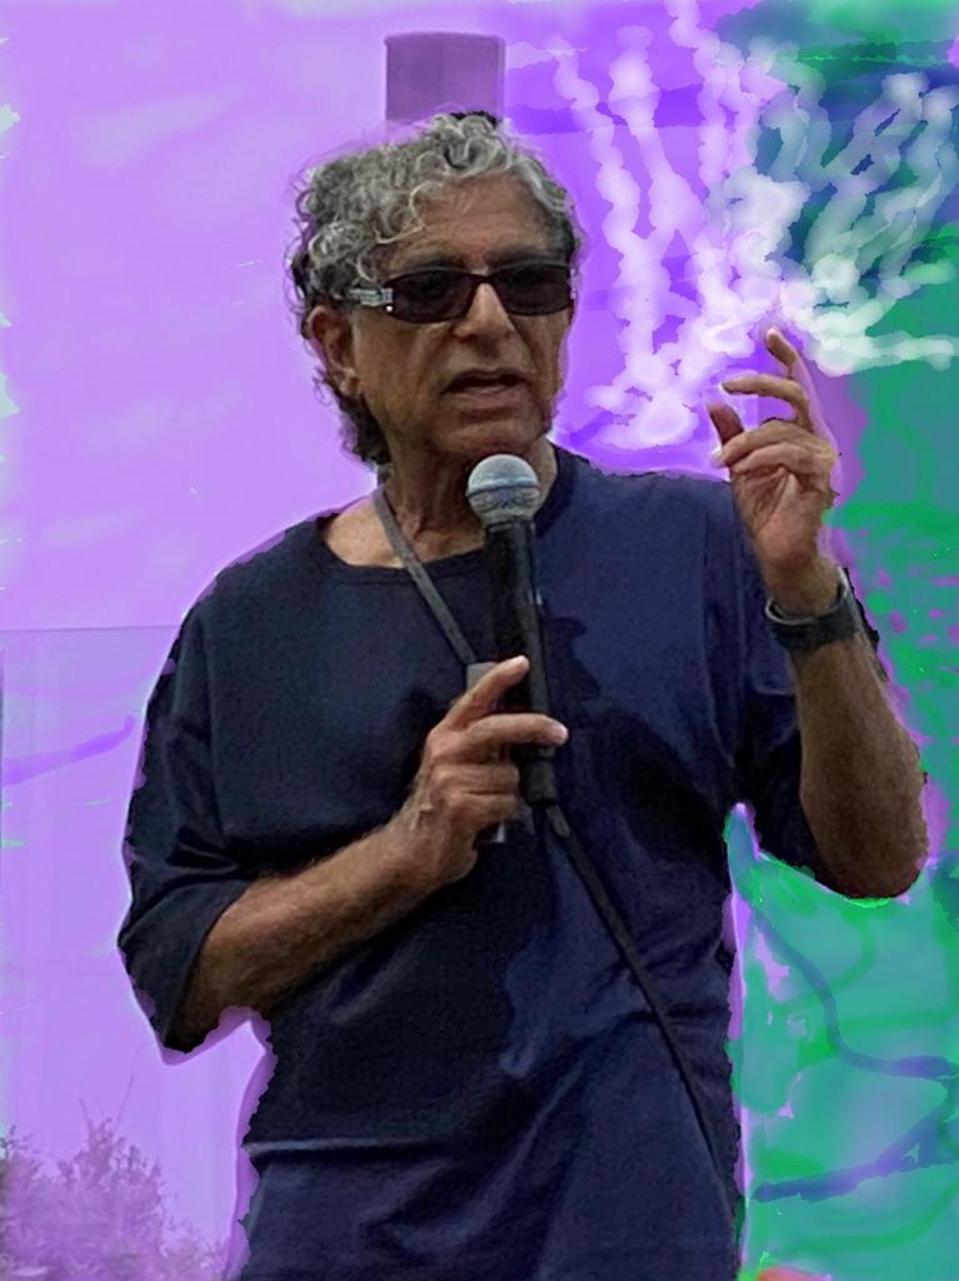 Deepak Chopra, Founder and Chair of the Chopra Foundation